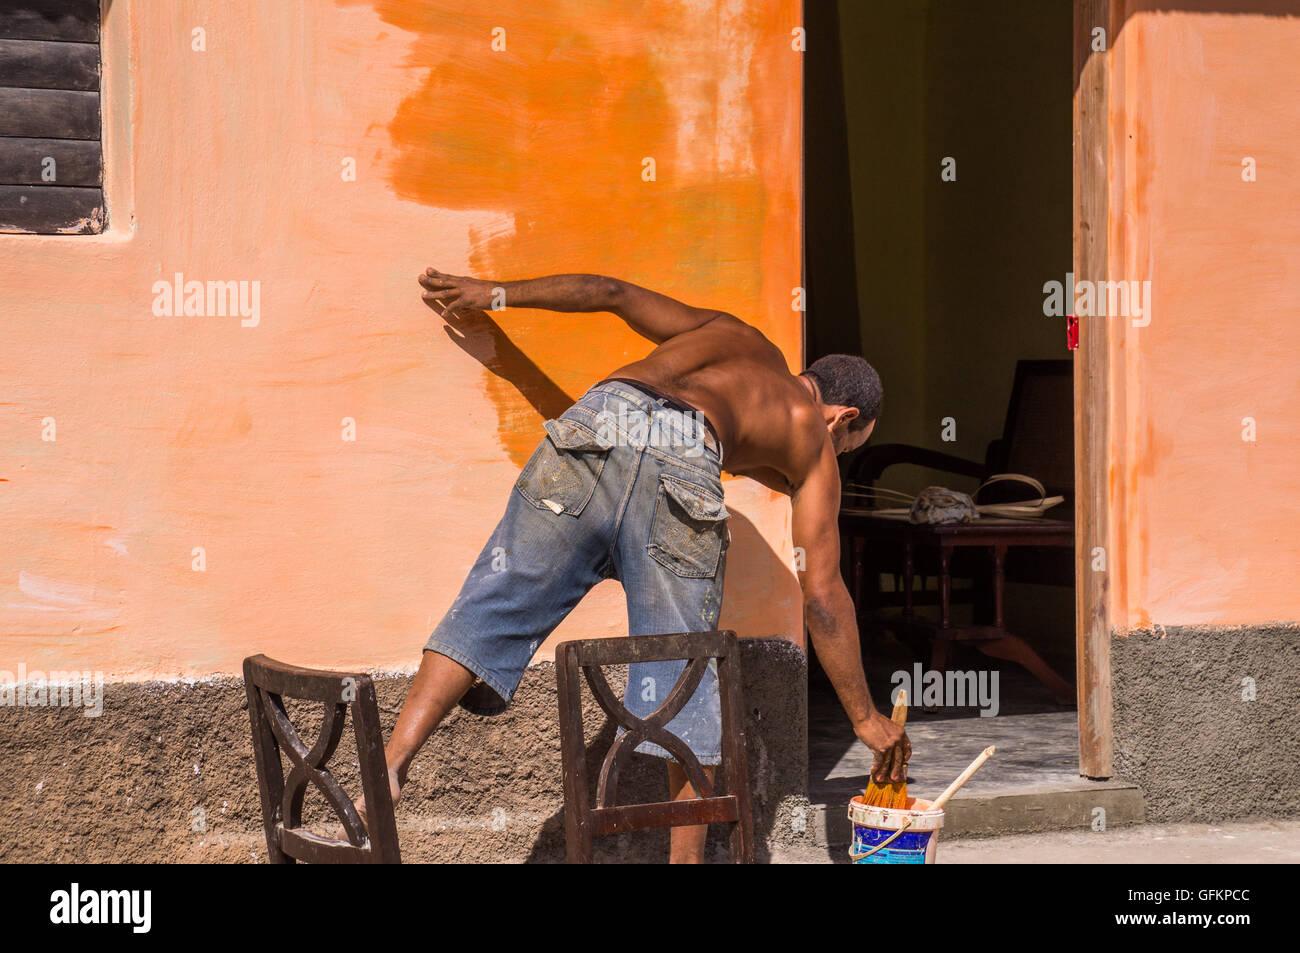 Trinidad, Kuba am 30. Dezember 2015: ein Mann ist eine Wand mit einer leuchtend orange Farbe Malerarbeiten. Dies Stockbild